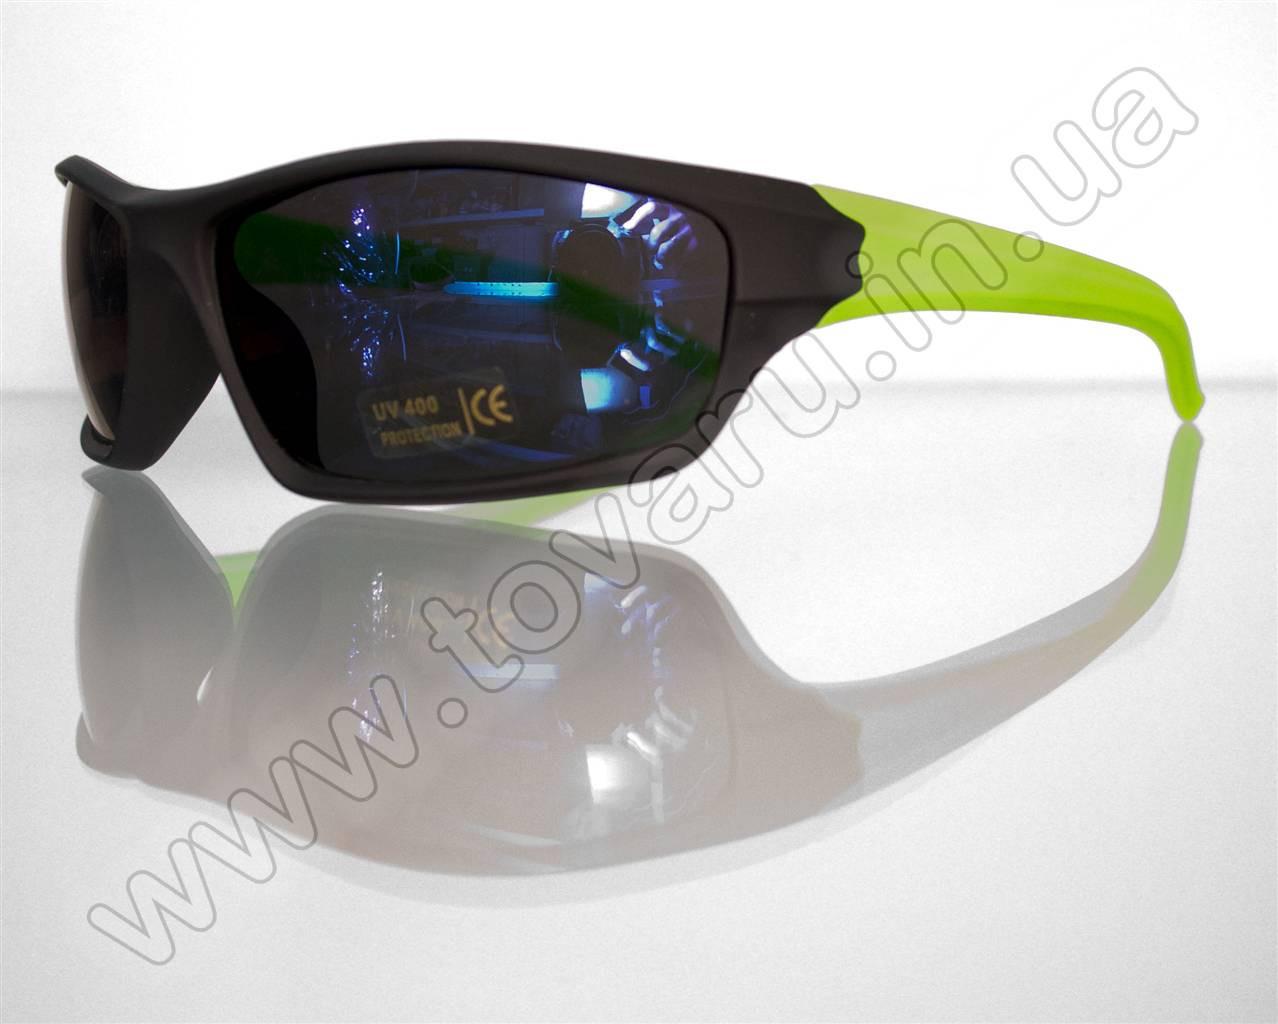 Окуляри чоловічі сонцезахисні спортивні - Чорно-салатові - T85